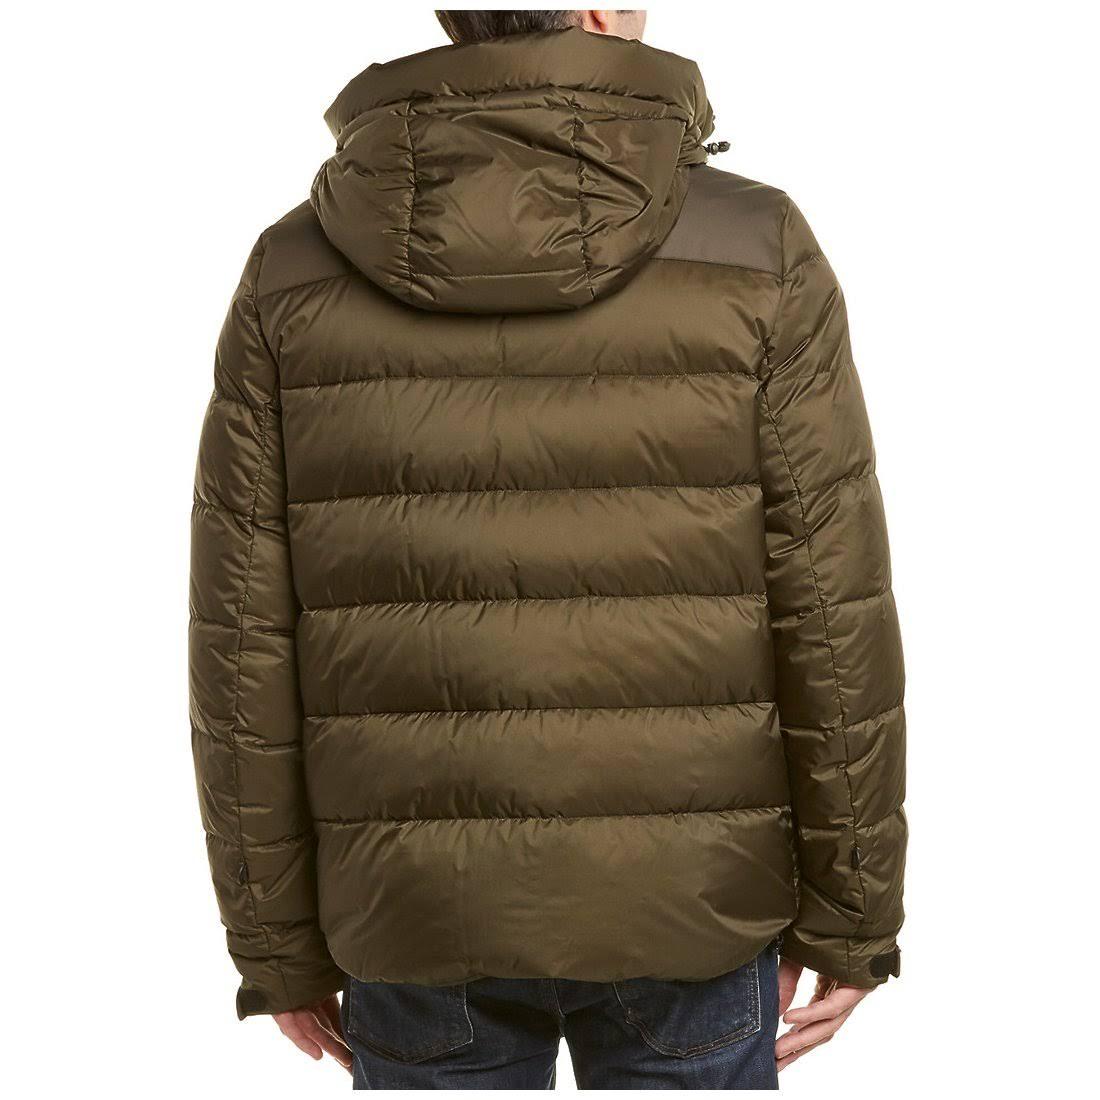 Moncler Puffer 53864 833 Jacket D20974181385 xrrfqdYw